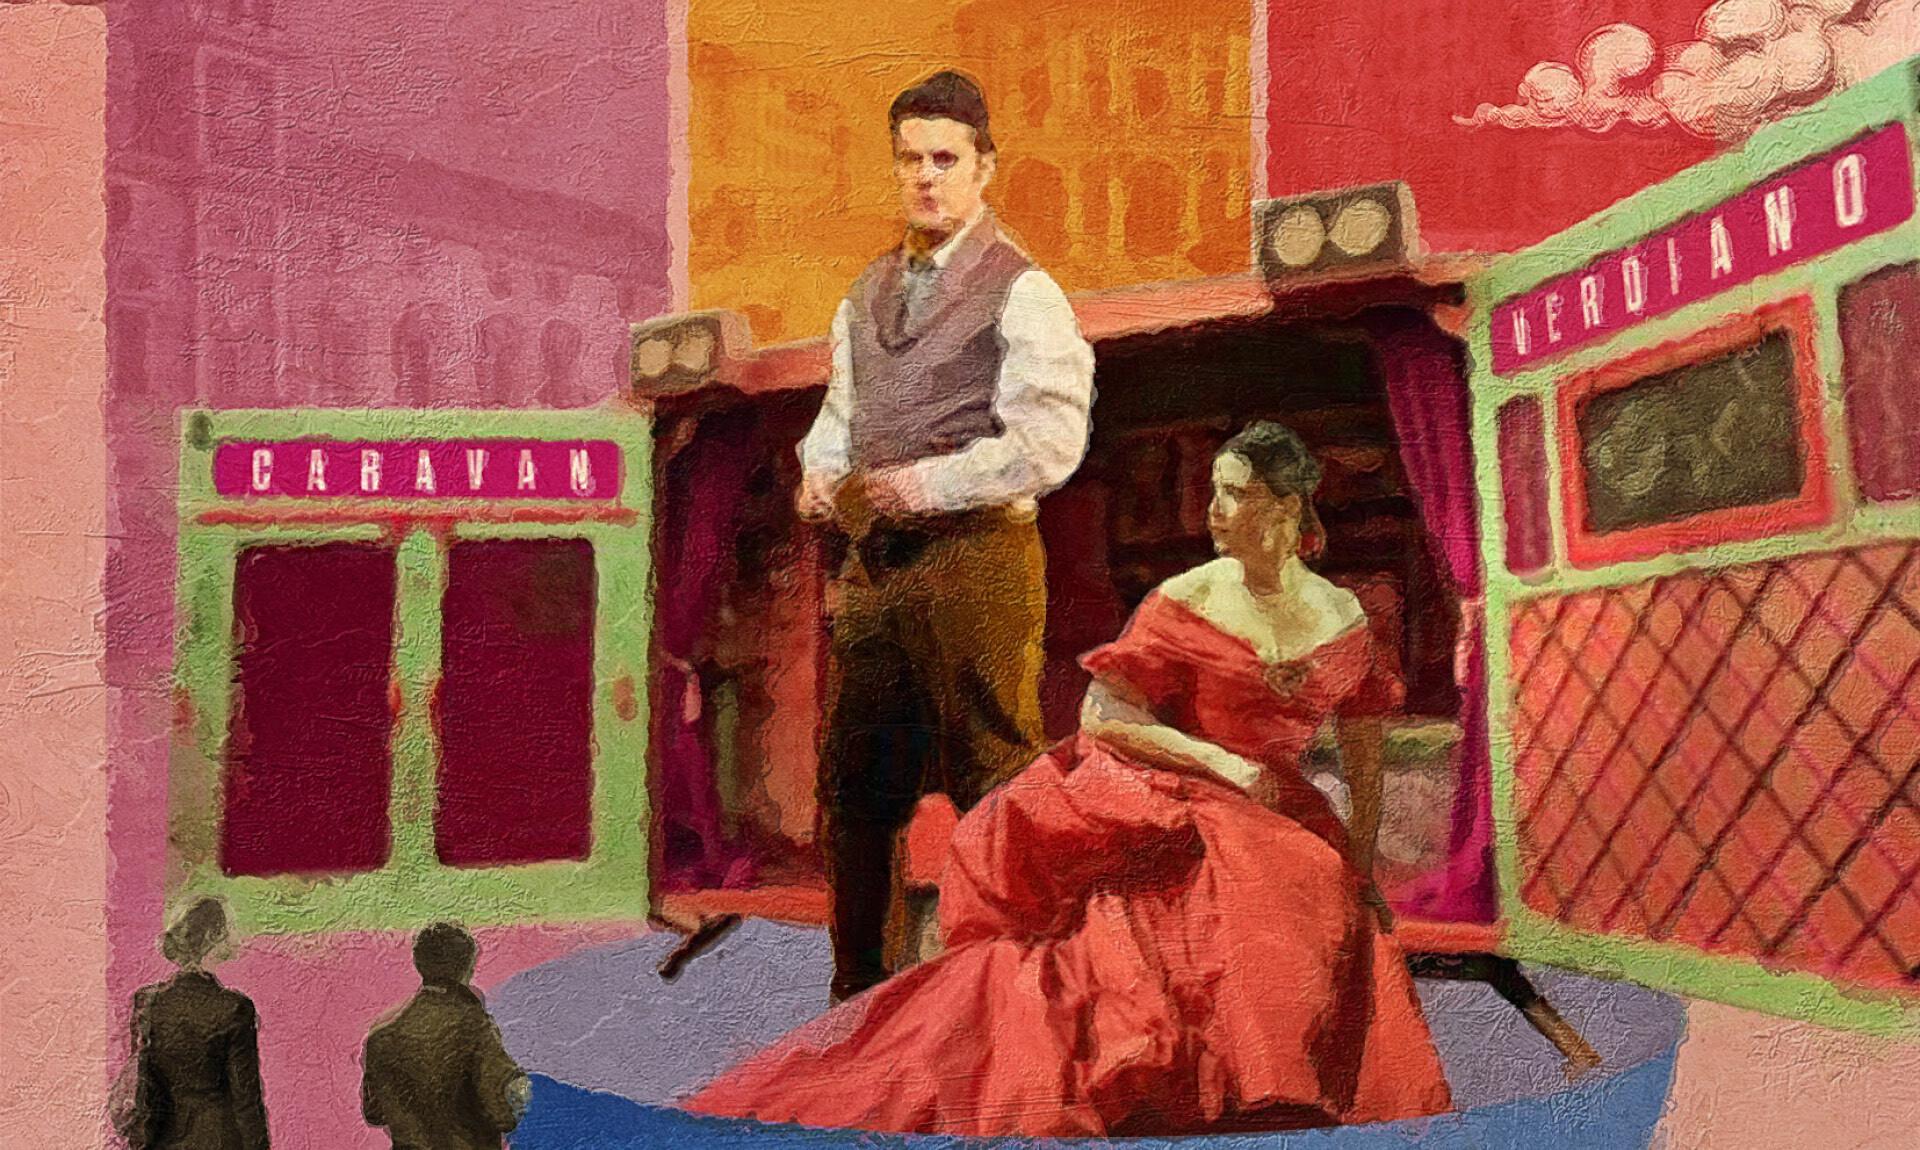 Verdi Off:  Caravan VerdianoLa Traviata  Lo spirito di Violetta  in piazzale Chaplin